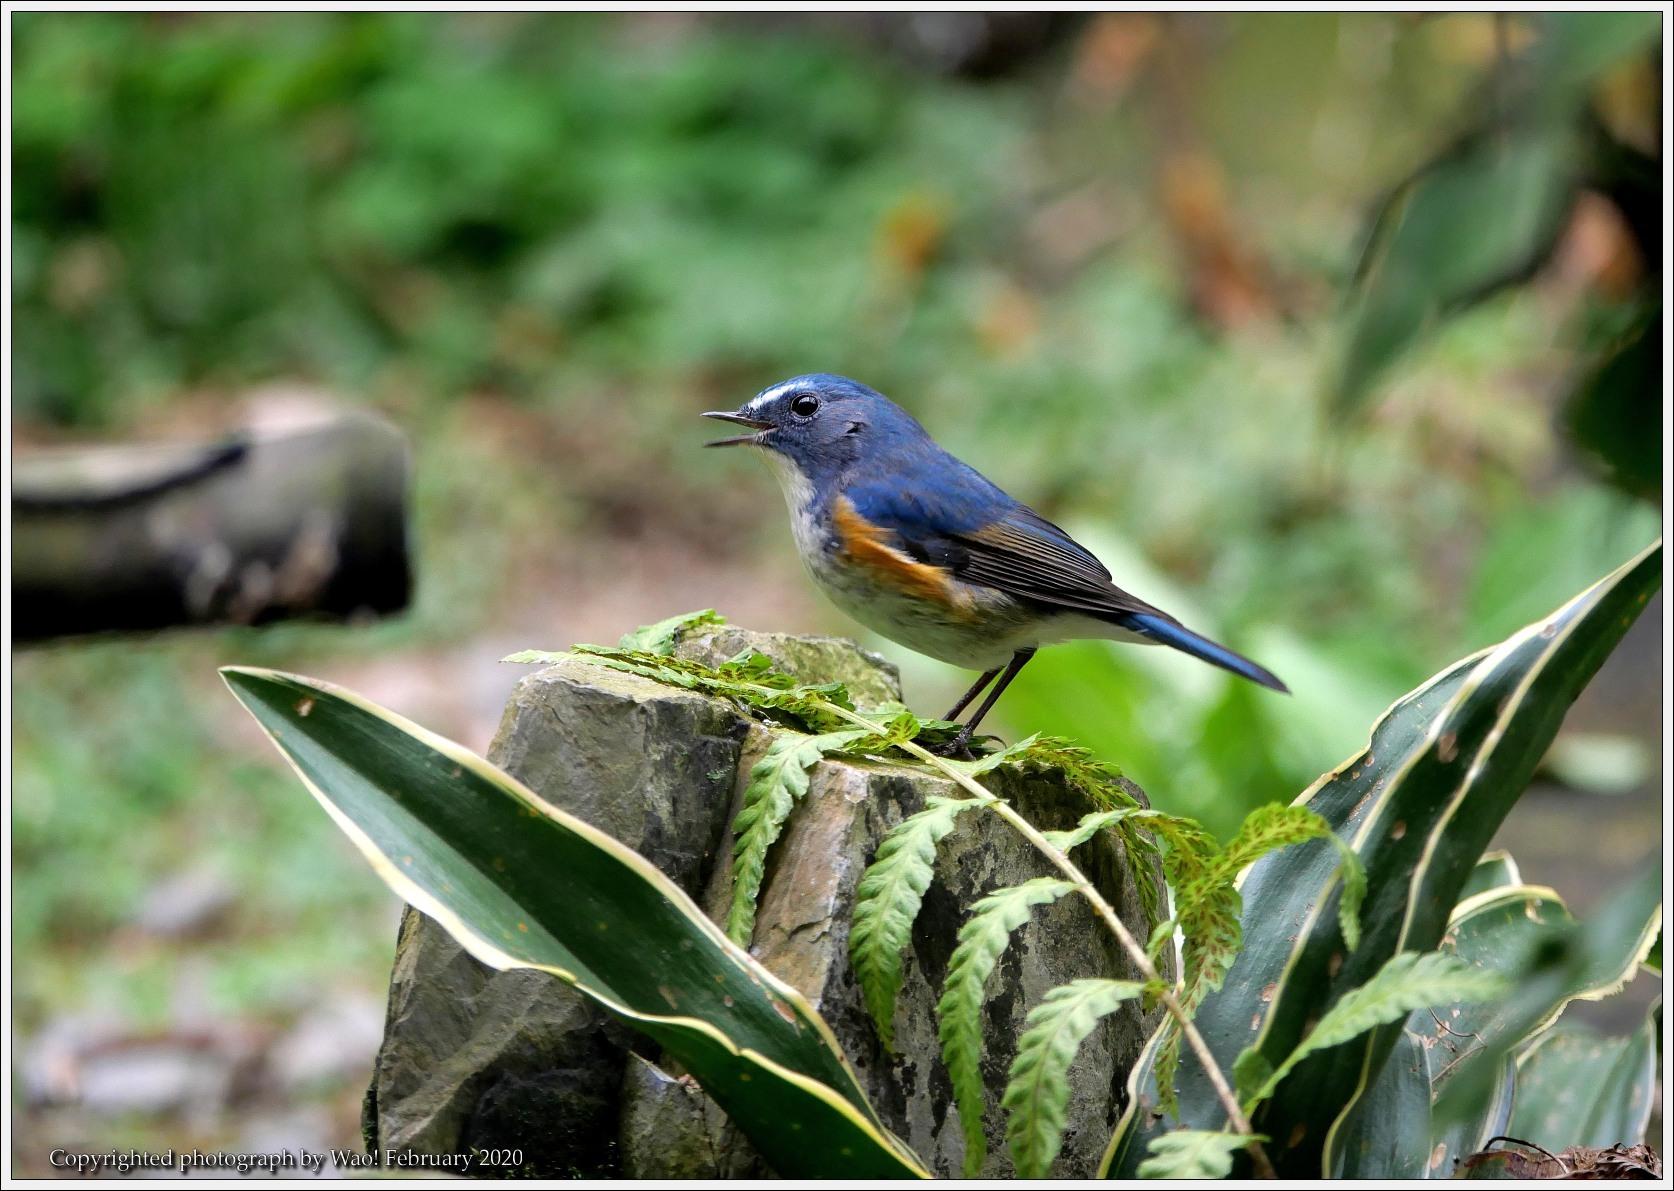 野鳥園のルリ・コマ・キビタキ_c0198669_14145292.jpg